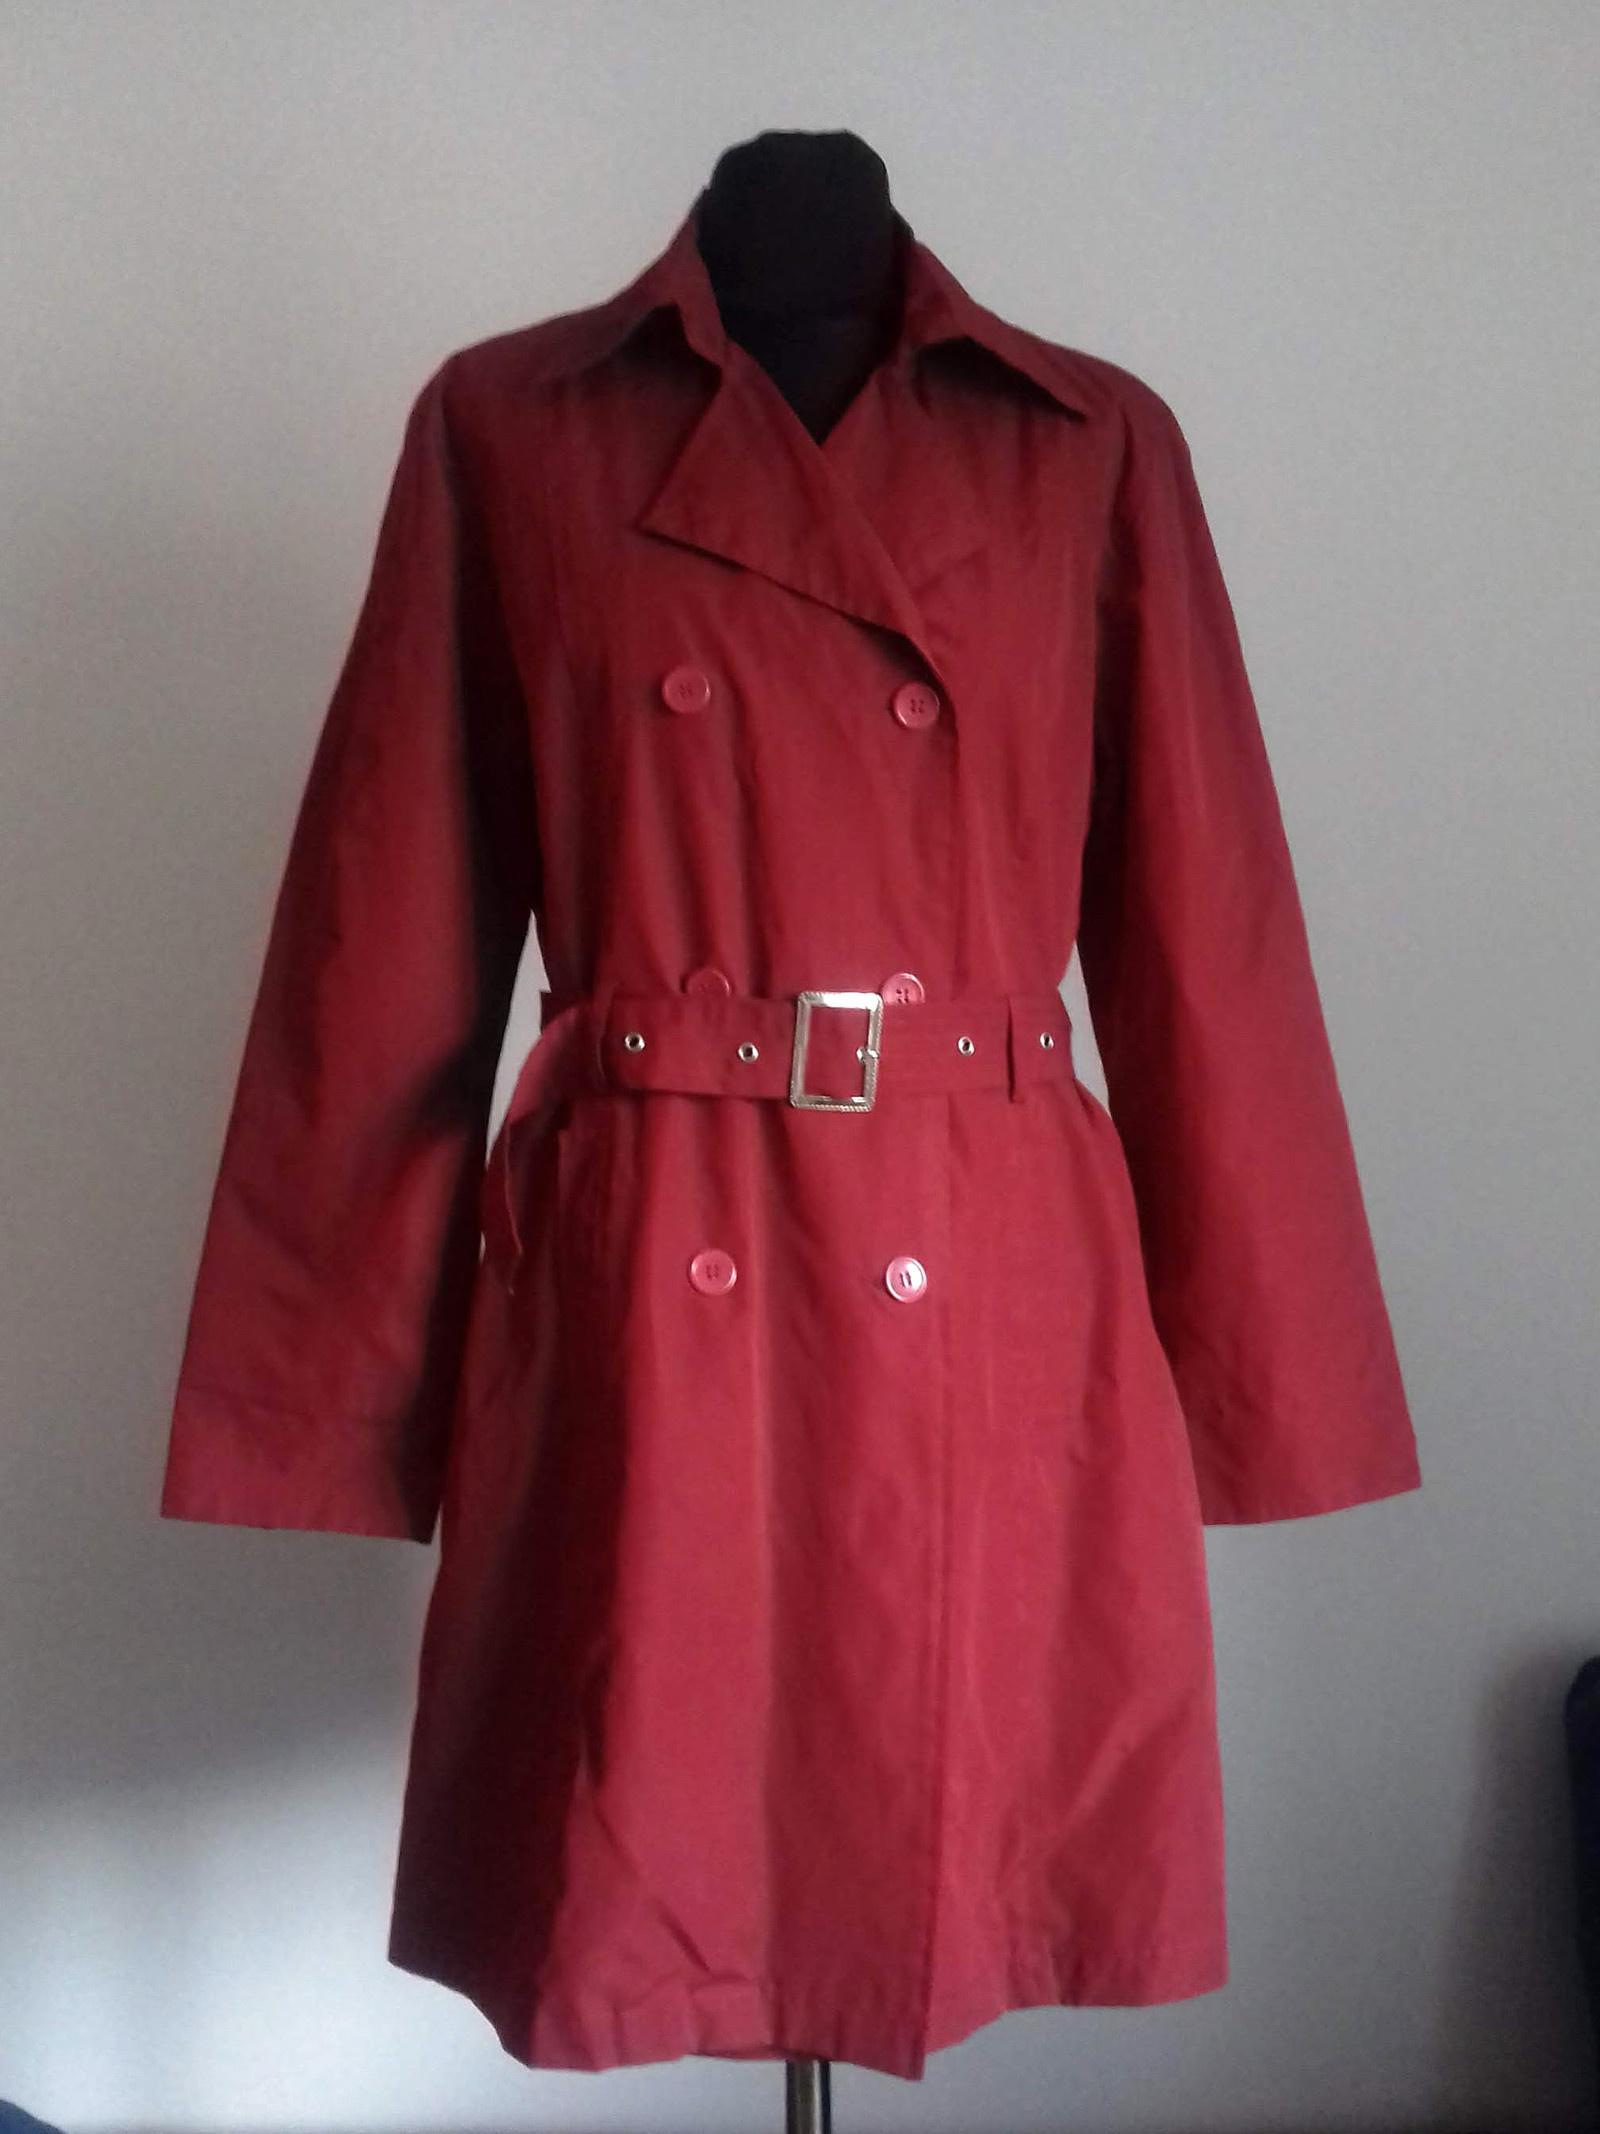 Kabátek - baloňák   Zboží prodejce Barozka  0b48818bf3